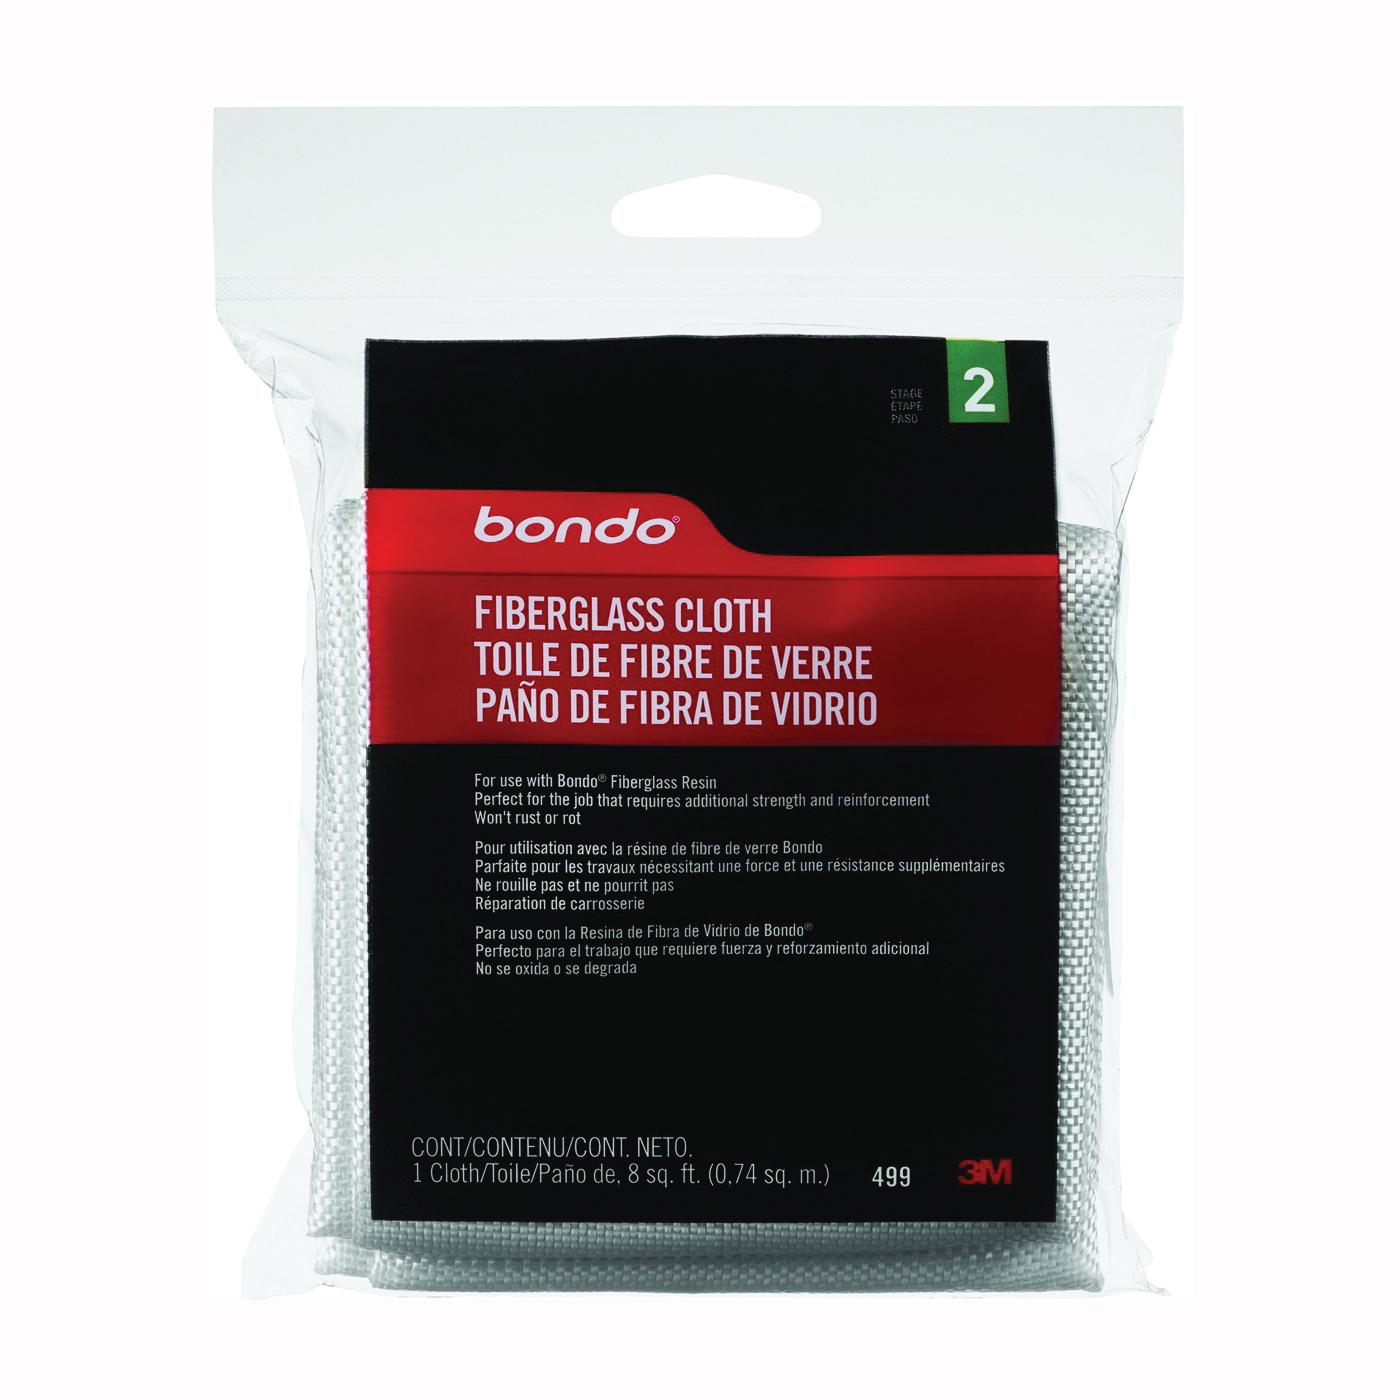 Picture of Bondo 499 Fiberglass Cloth